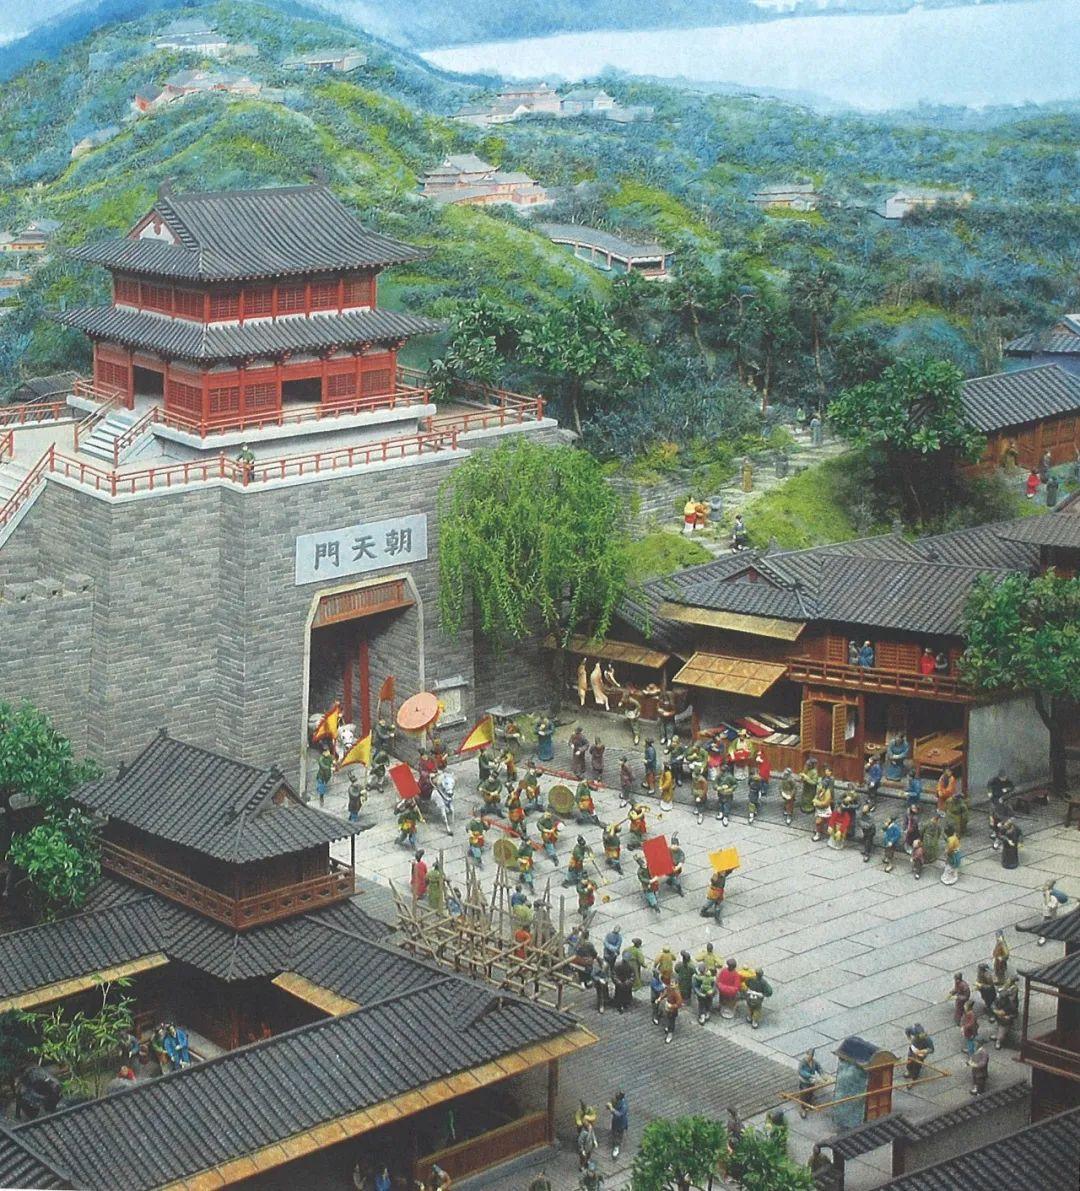 元旦假期怎么过?跟着杭州本地人登高祈福!